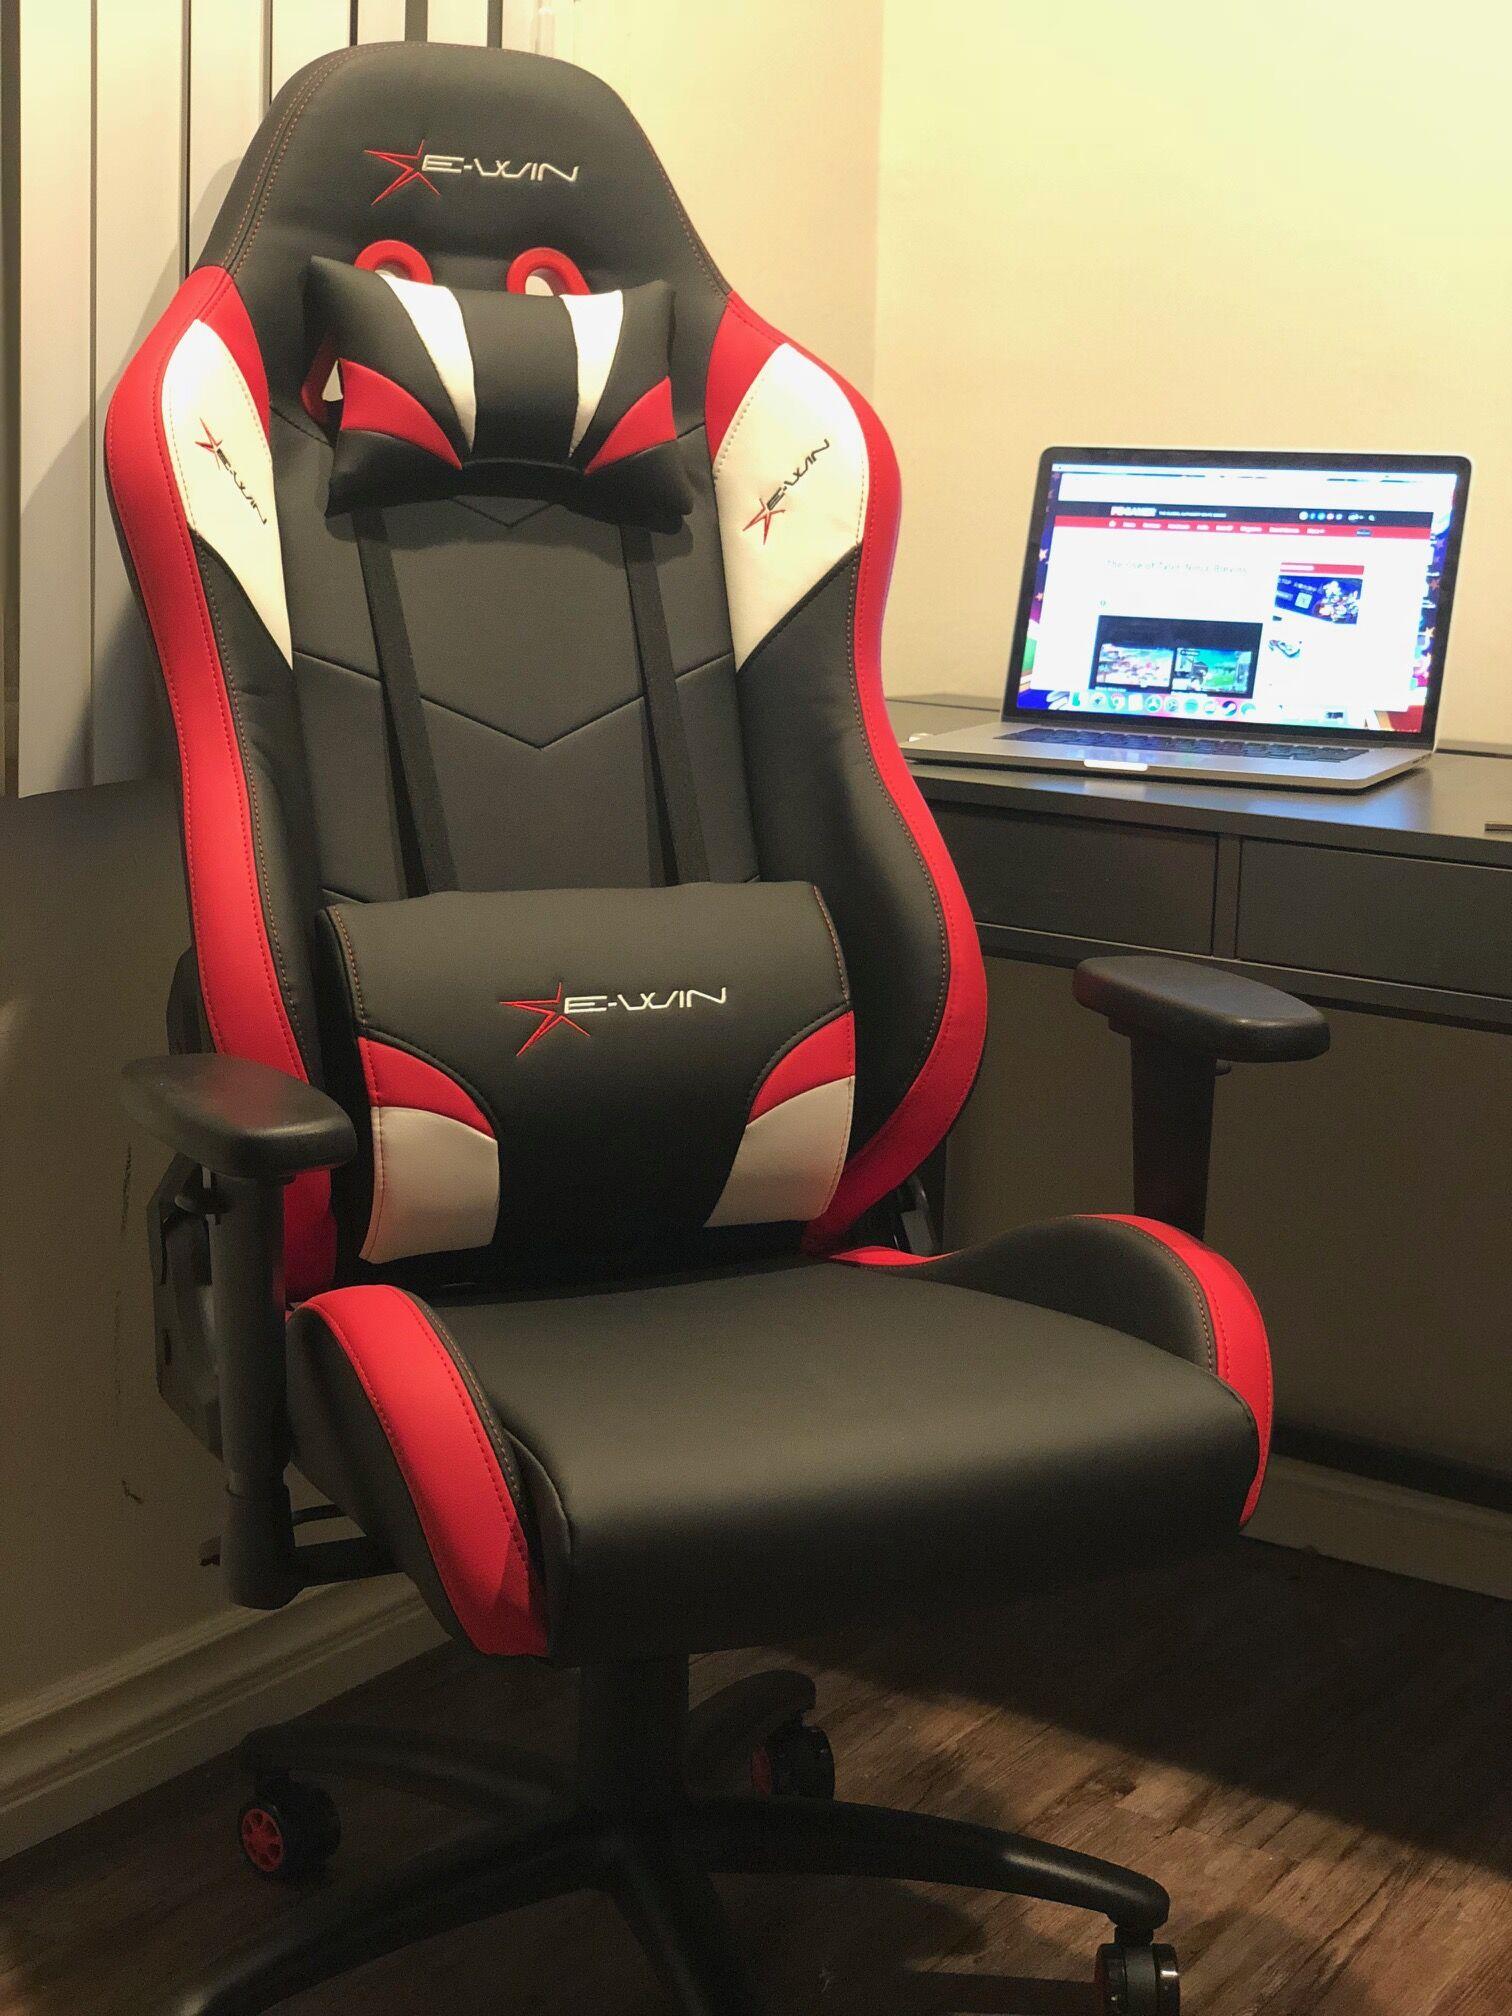 Ngồi chơi game hay làm việc trước máy tính nhiều thì đừng bỏ qua những chiếc ghế này vừa thoải mái lại giảm đau nhức xương khớp - Ảnh 3.